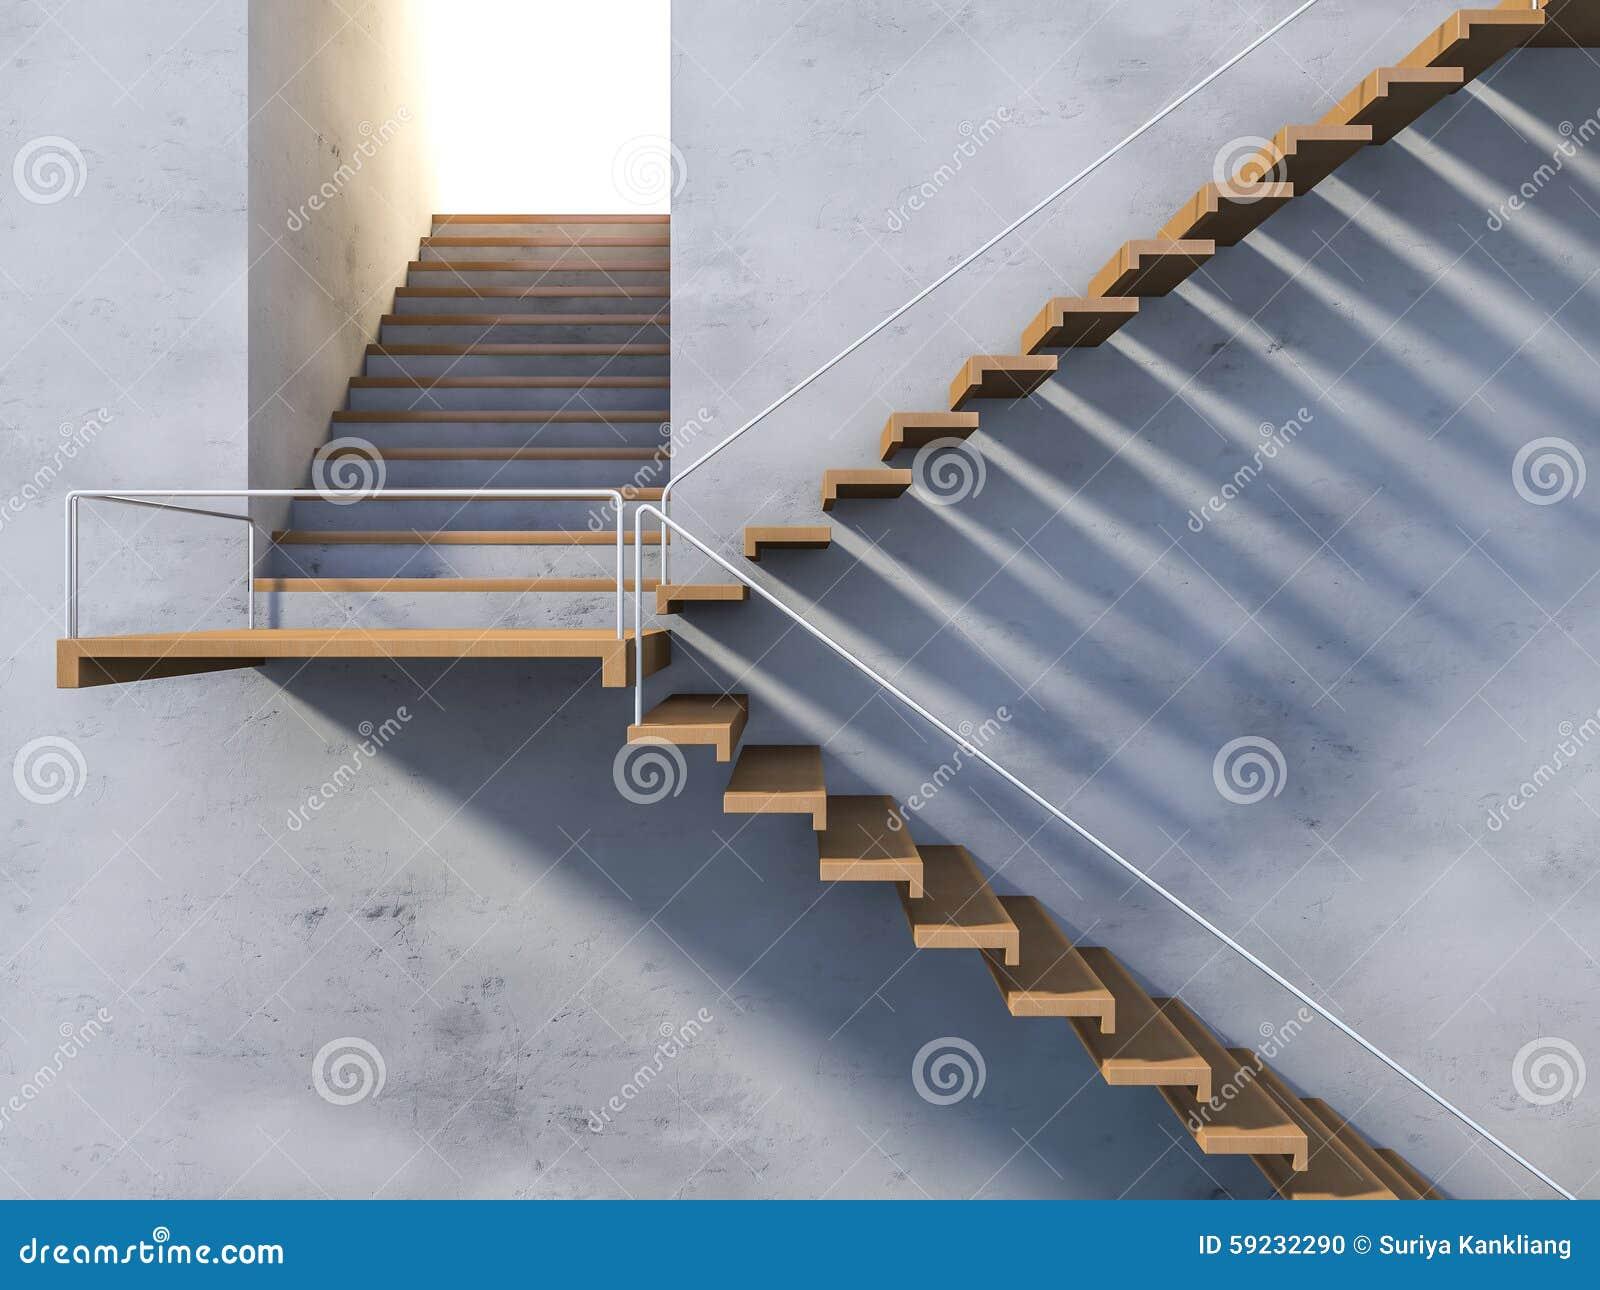 Escalera de madera 3ds